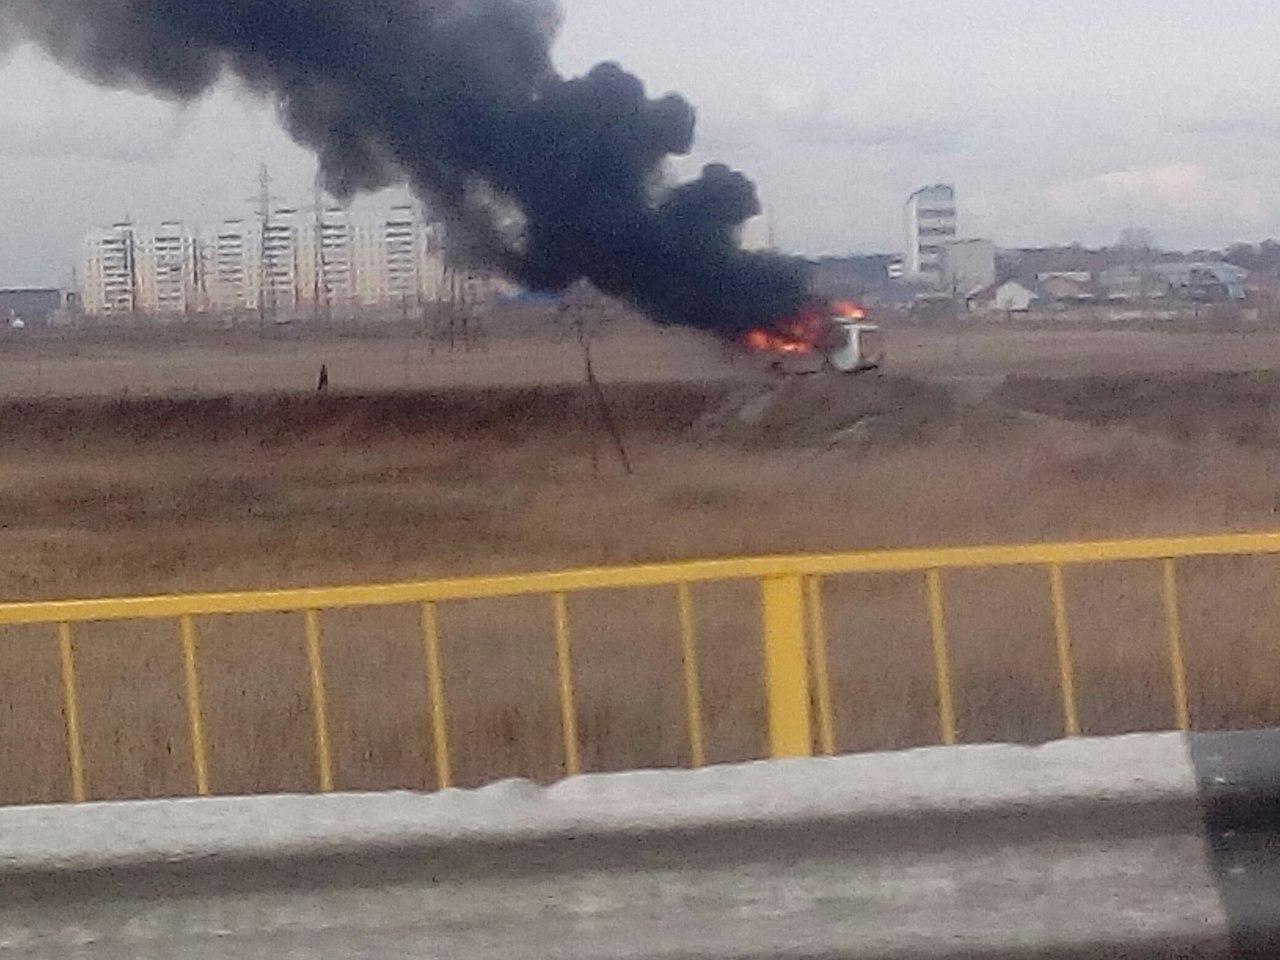 ВКургане неподалеку отГИБДД вспыхнул автобус